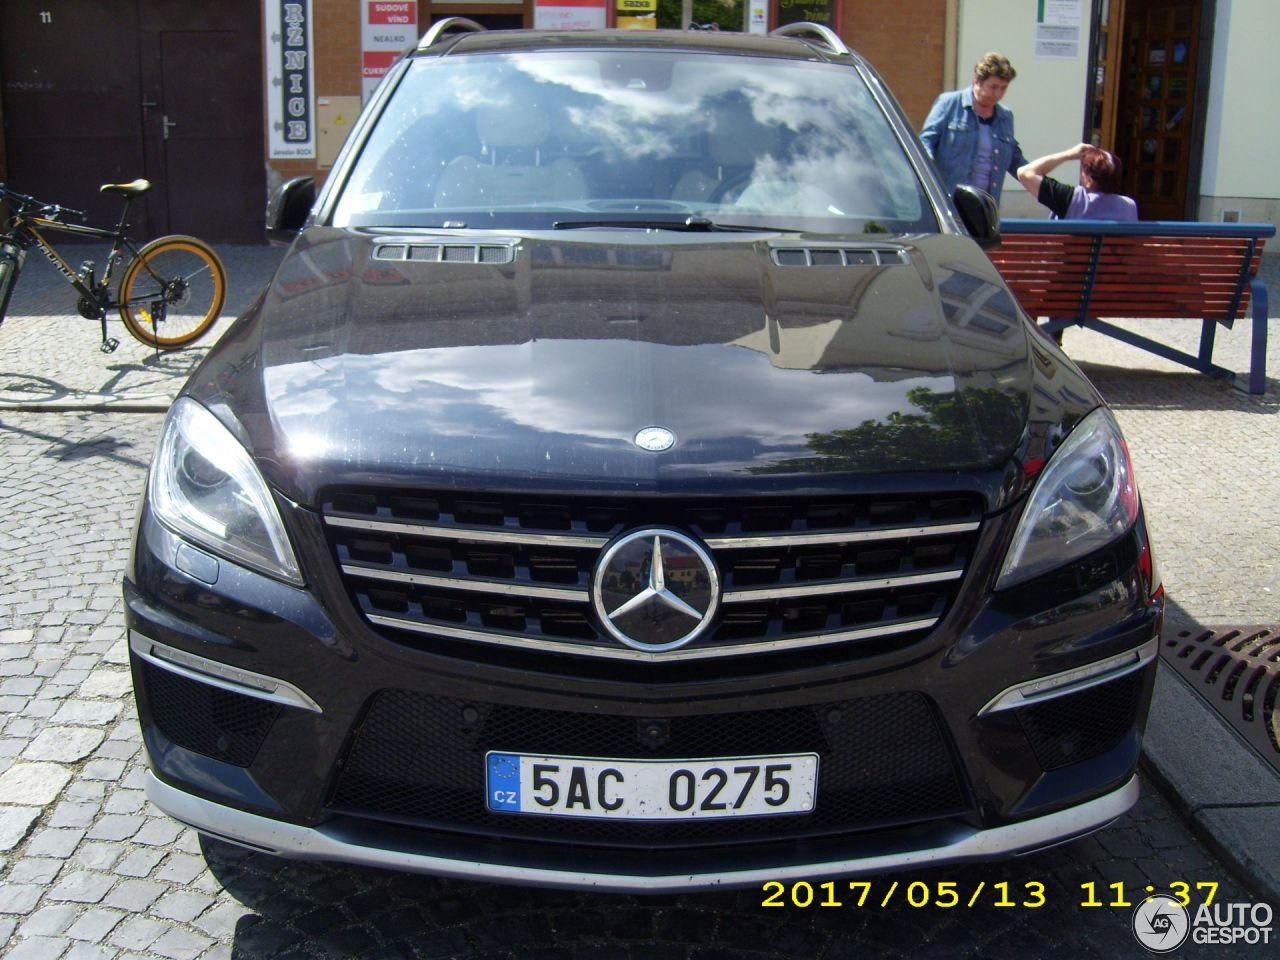 Mercedes benz ml 63 amg w166 4 december 2017 autogespot for Mercedes benz ml 2017